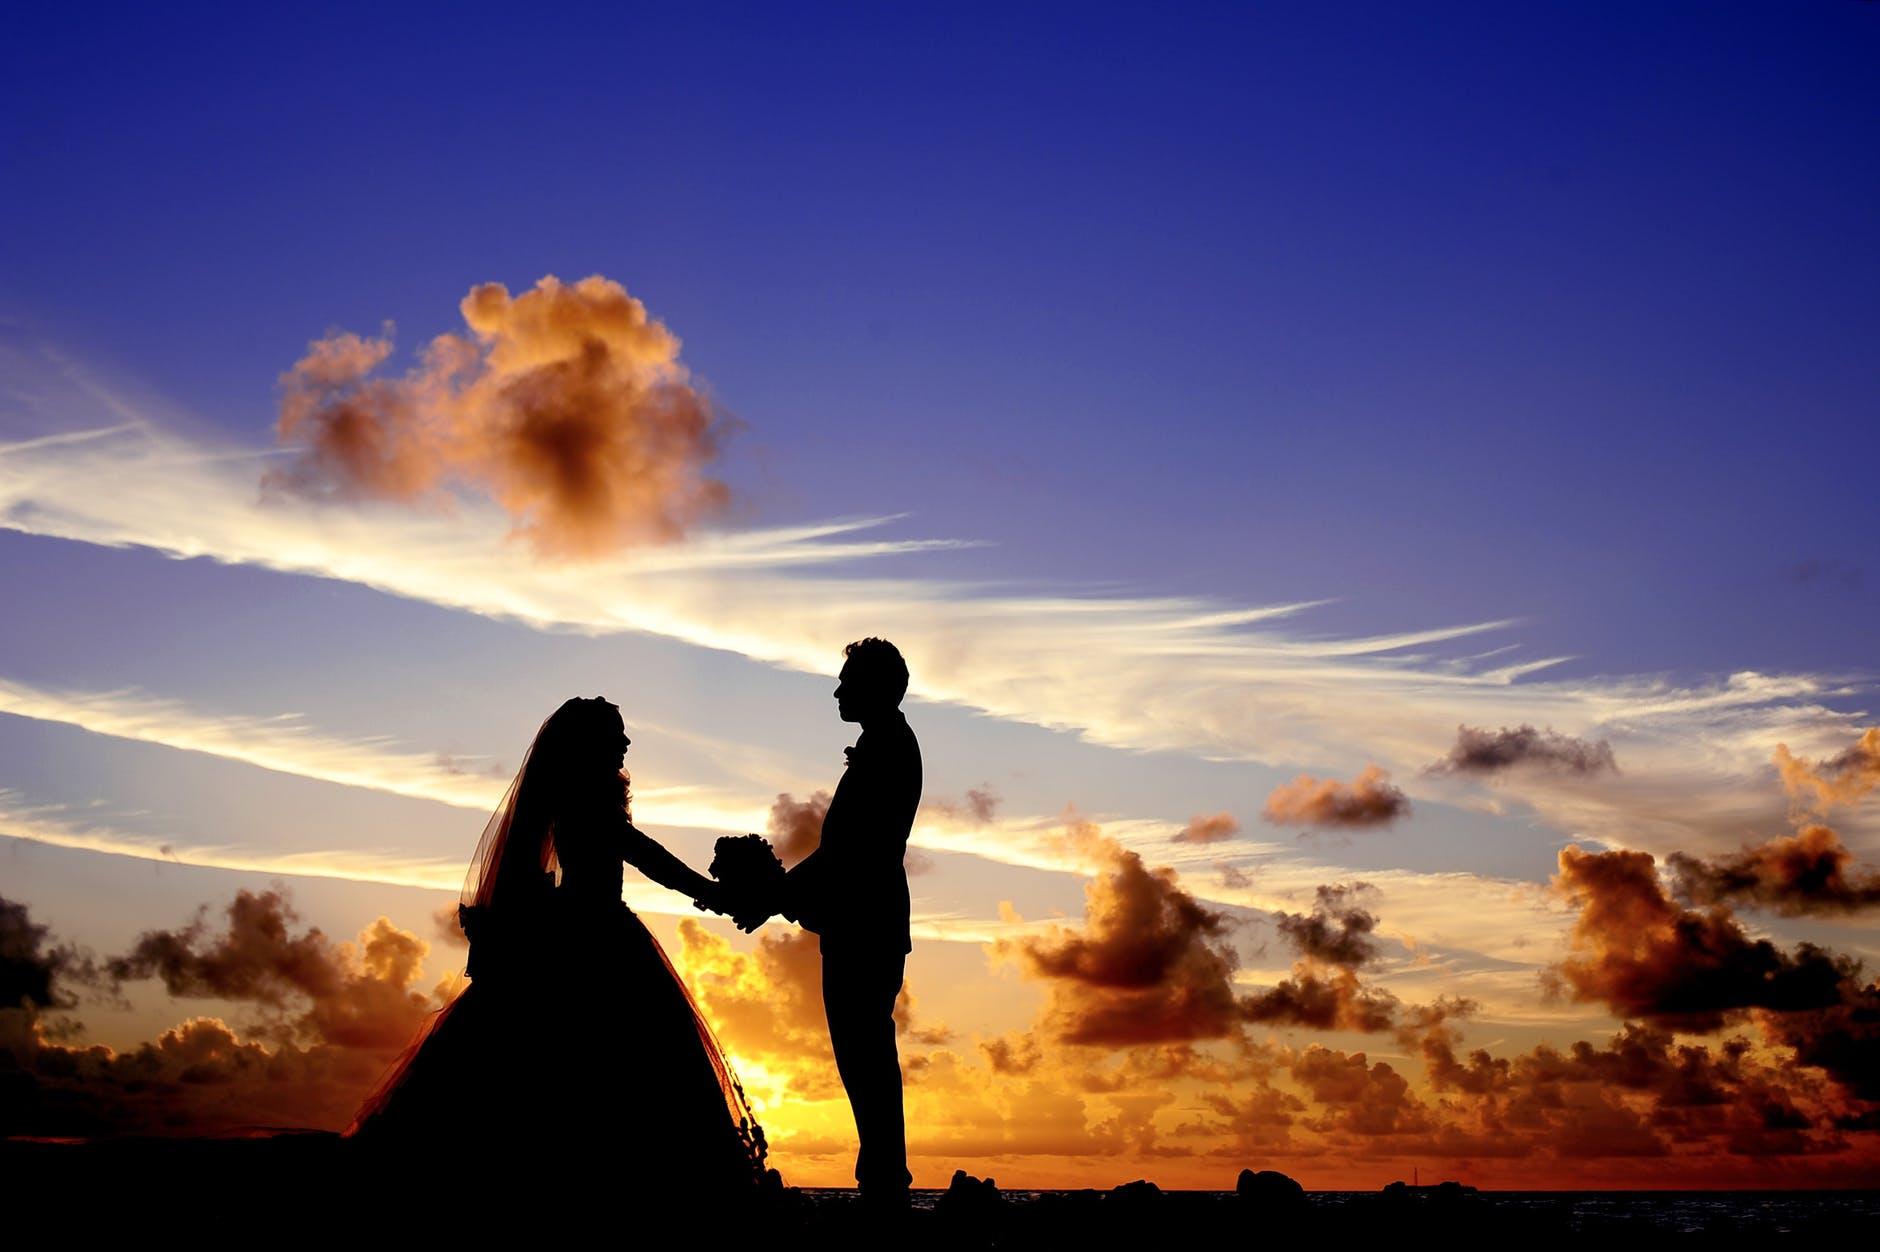 فیلمبرداری طولانی از عروسی با دوربین فیلمبرداری